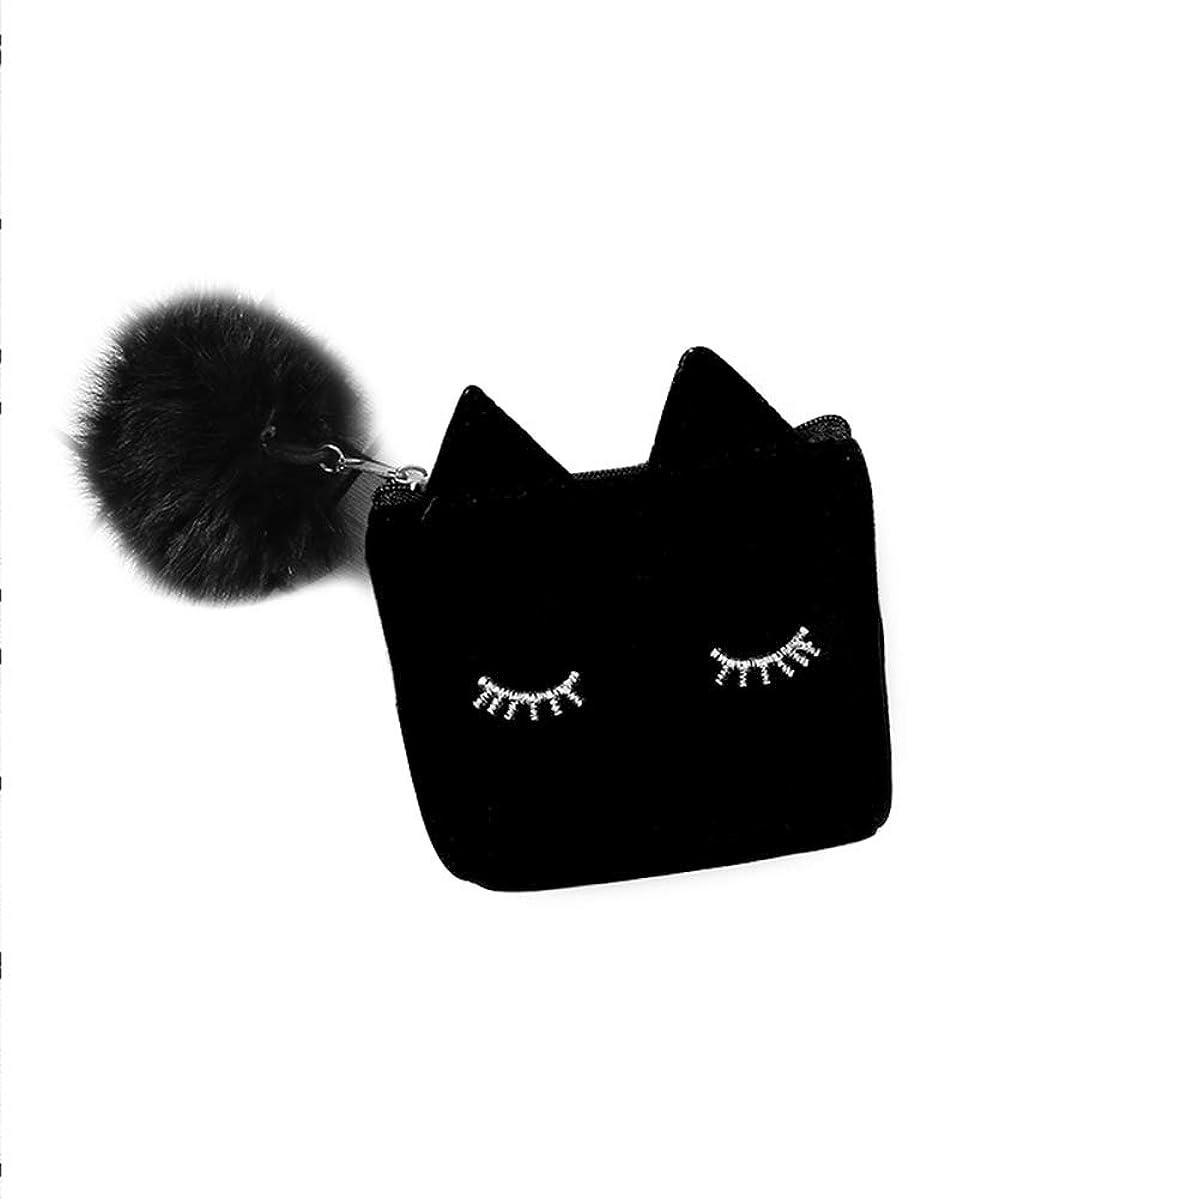 Aland Women Portable Cute Cat Shape Pompom Flush Coin Purse Wallet Pouch Gift Black